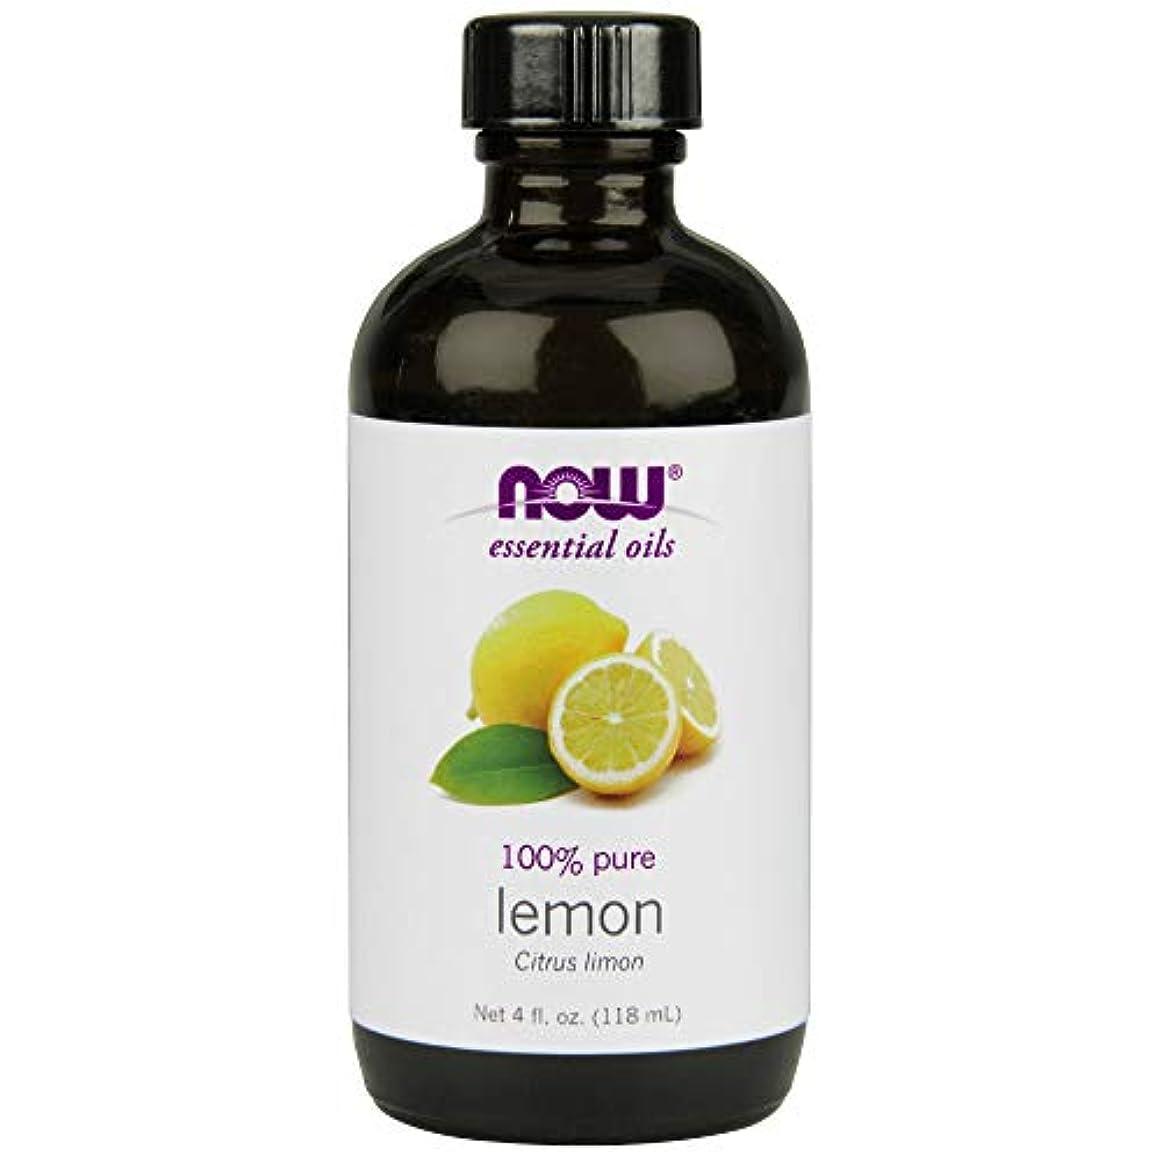 影響を受けやすいです一般素朴なナウフーズエッセンシャルアロマオイル レモン 118ml 【正規輸入品】